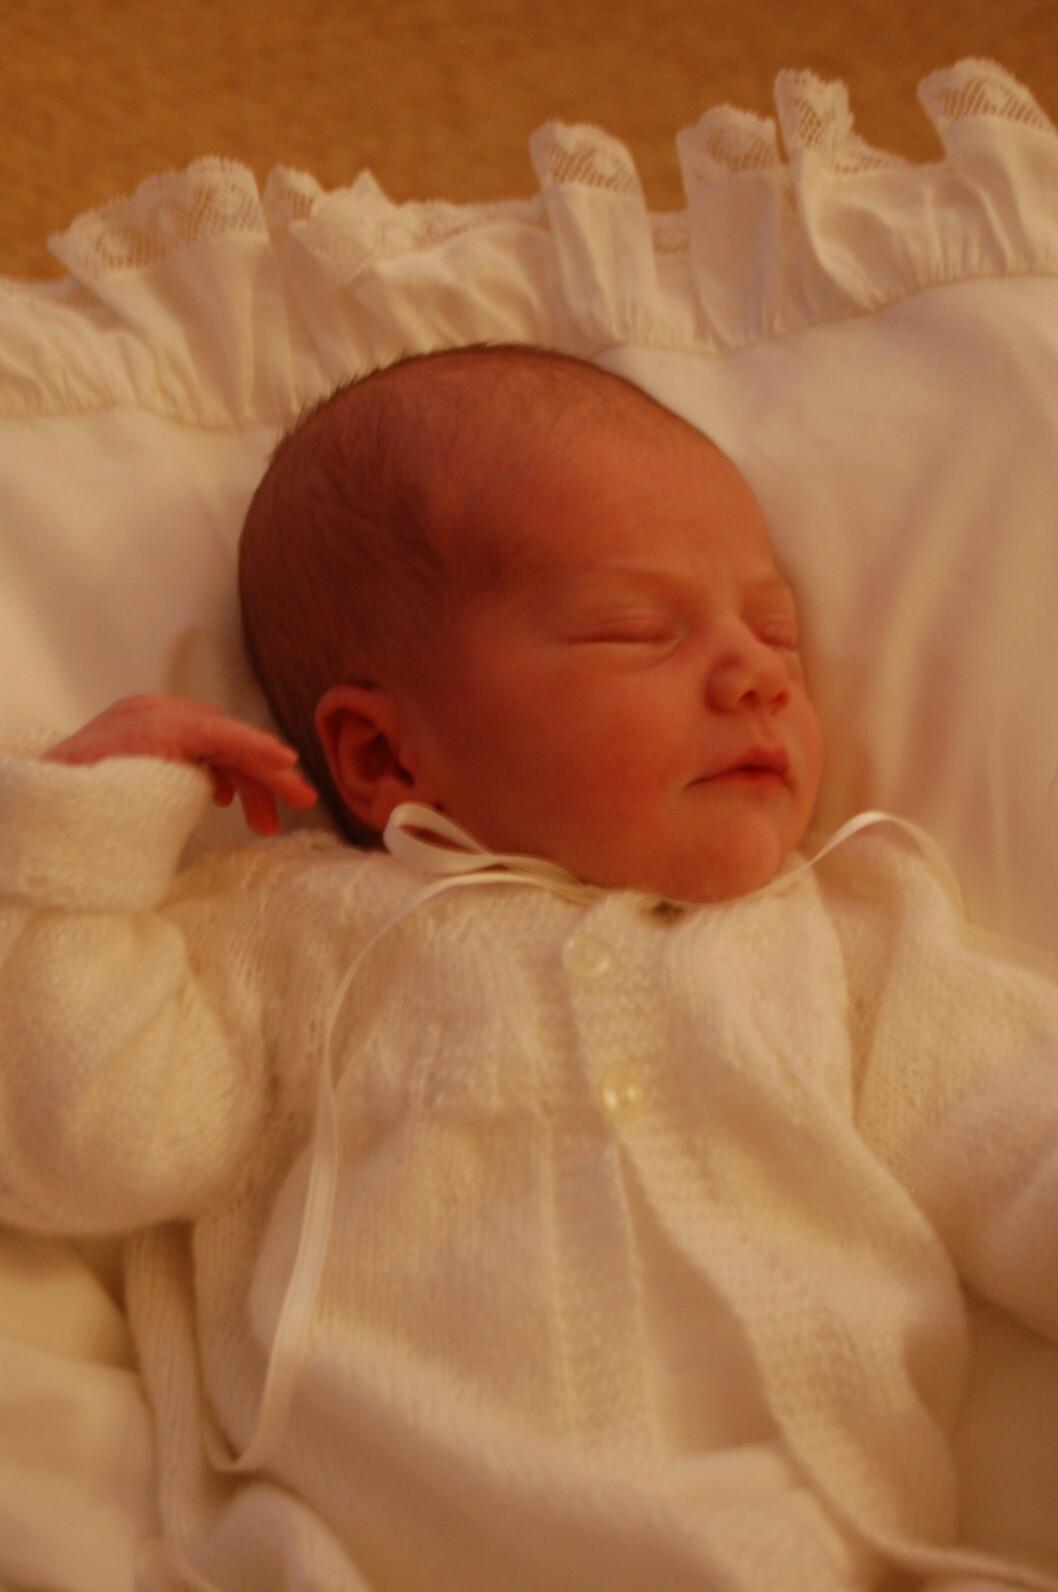 NYFØDT: Hele Sverige jublet da prinsesse Estelle (bildet) kom til verden. Nå har hun blitt fire år og storesøster til lille Oscar. Foto: Kungahuset